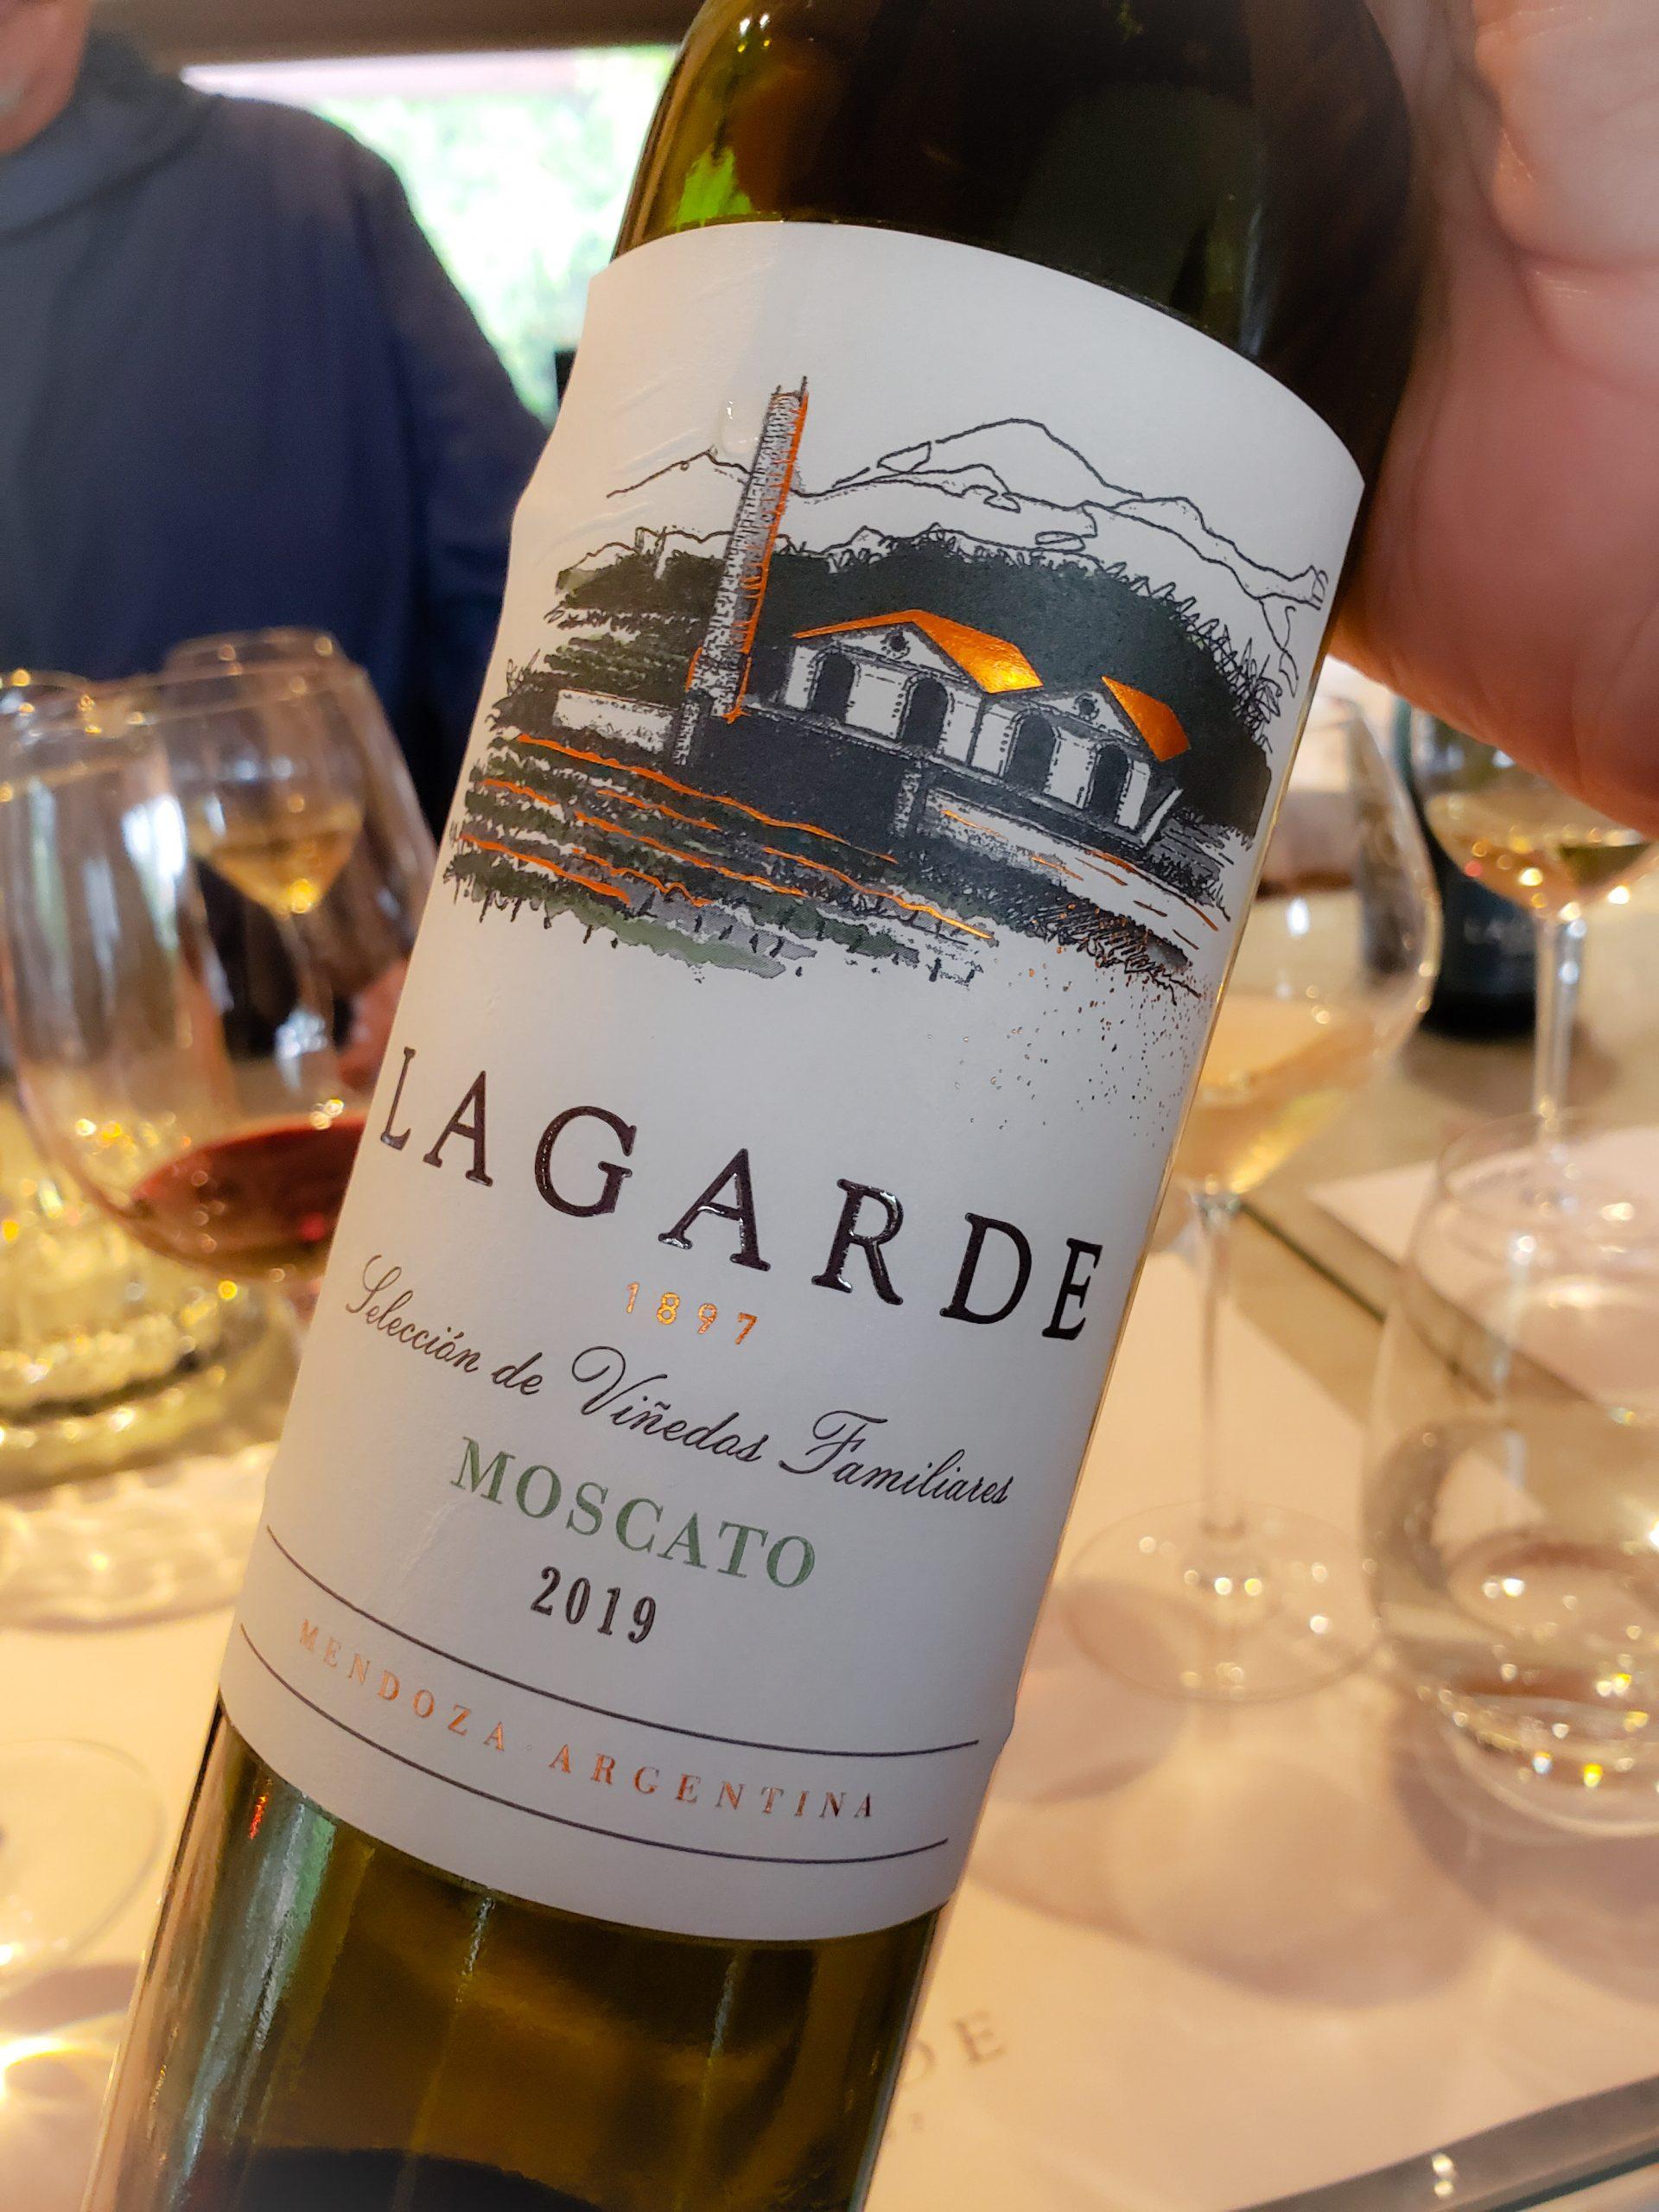 Bodega Lagarde - Moscato 2019